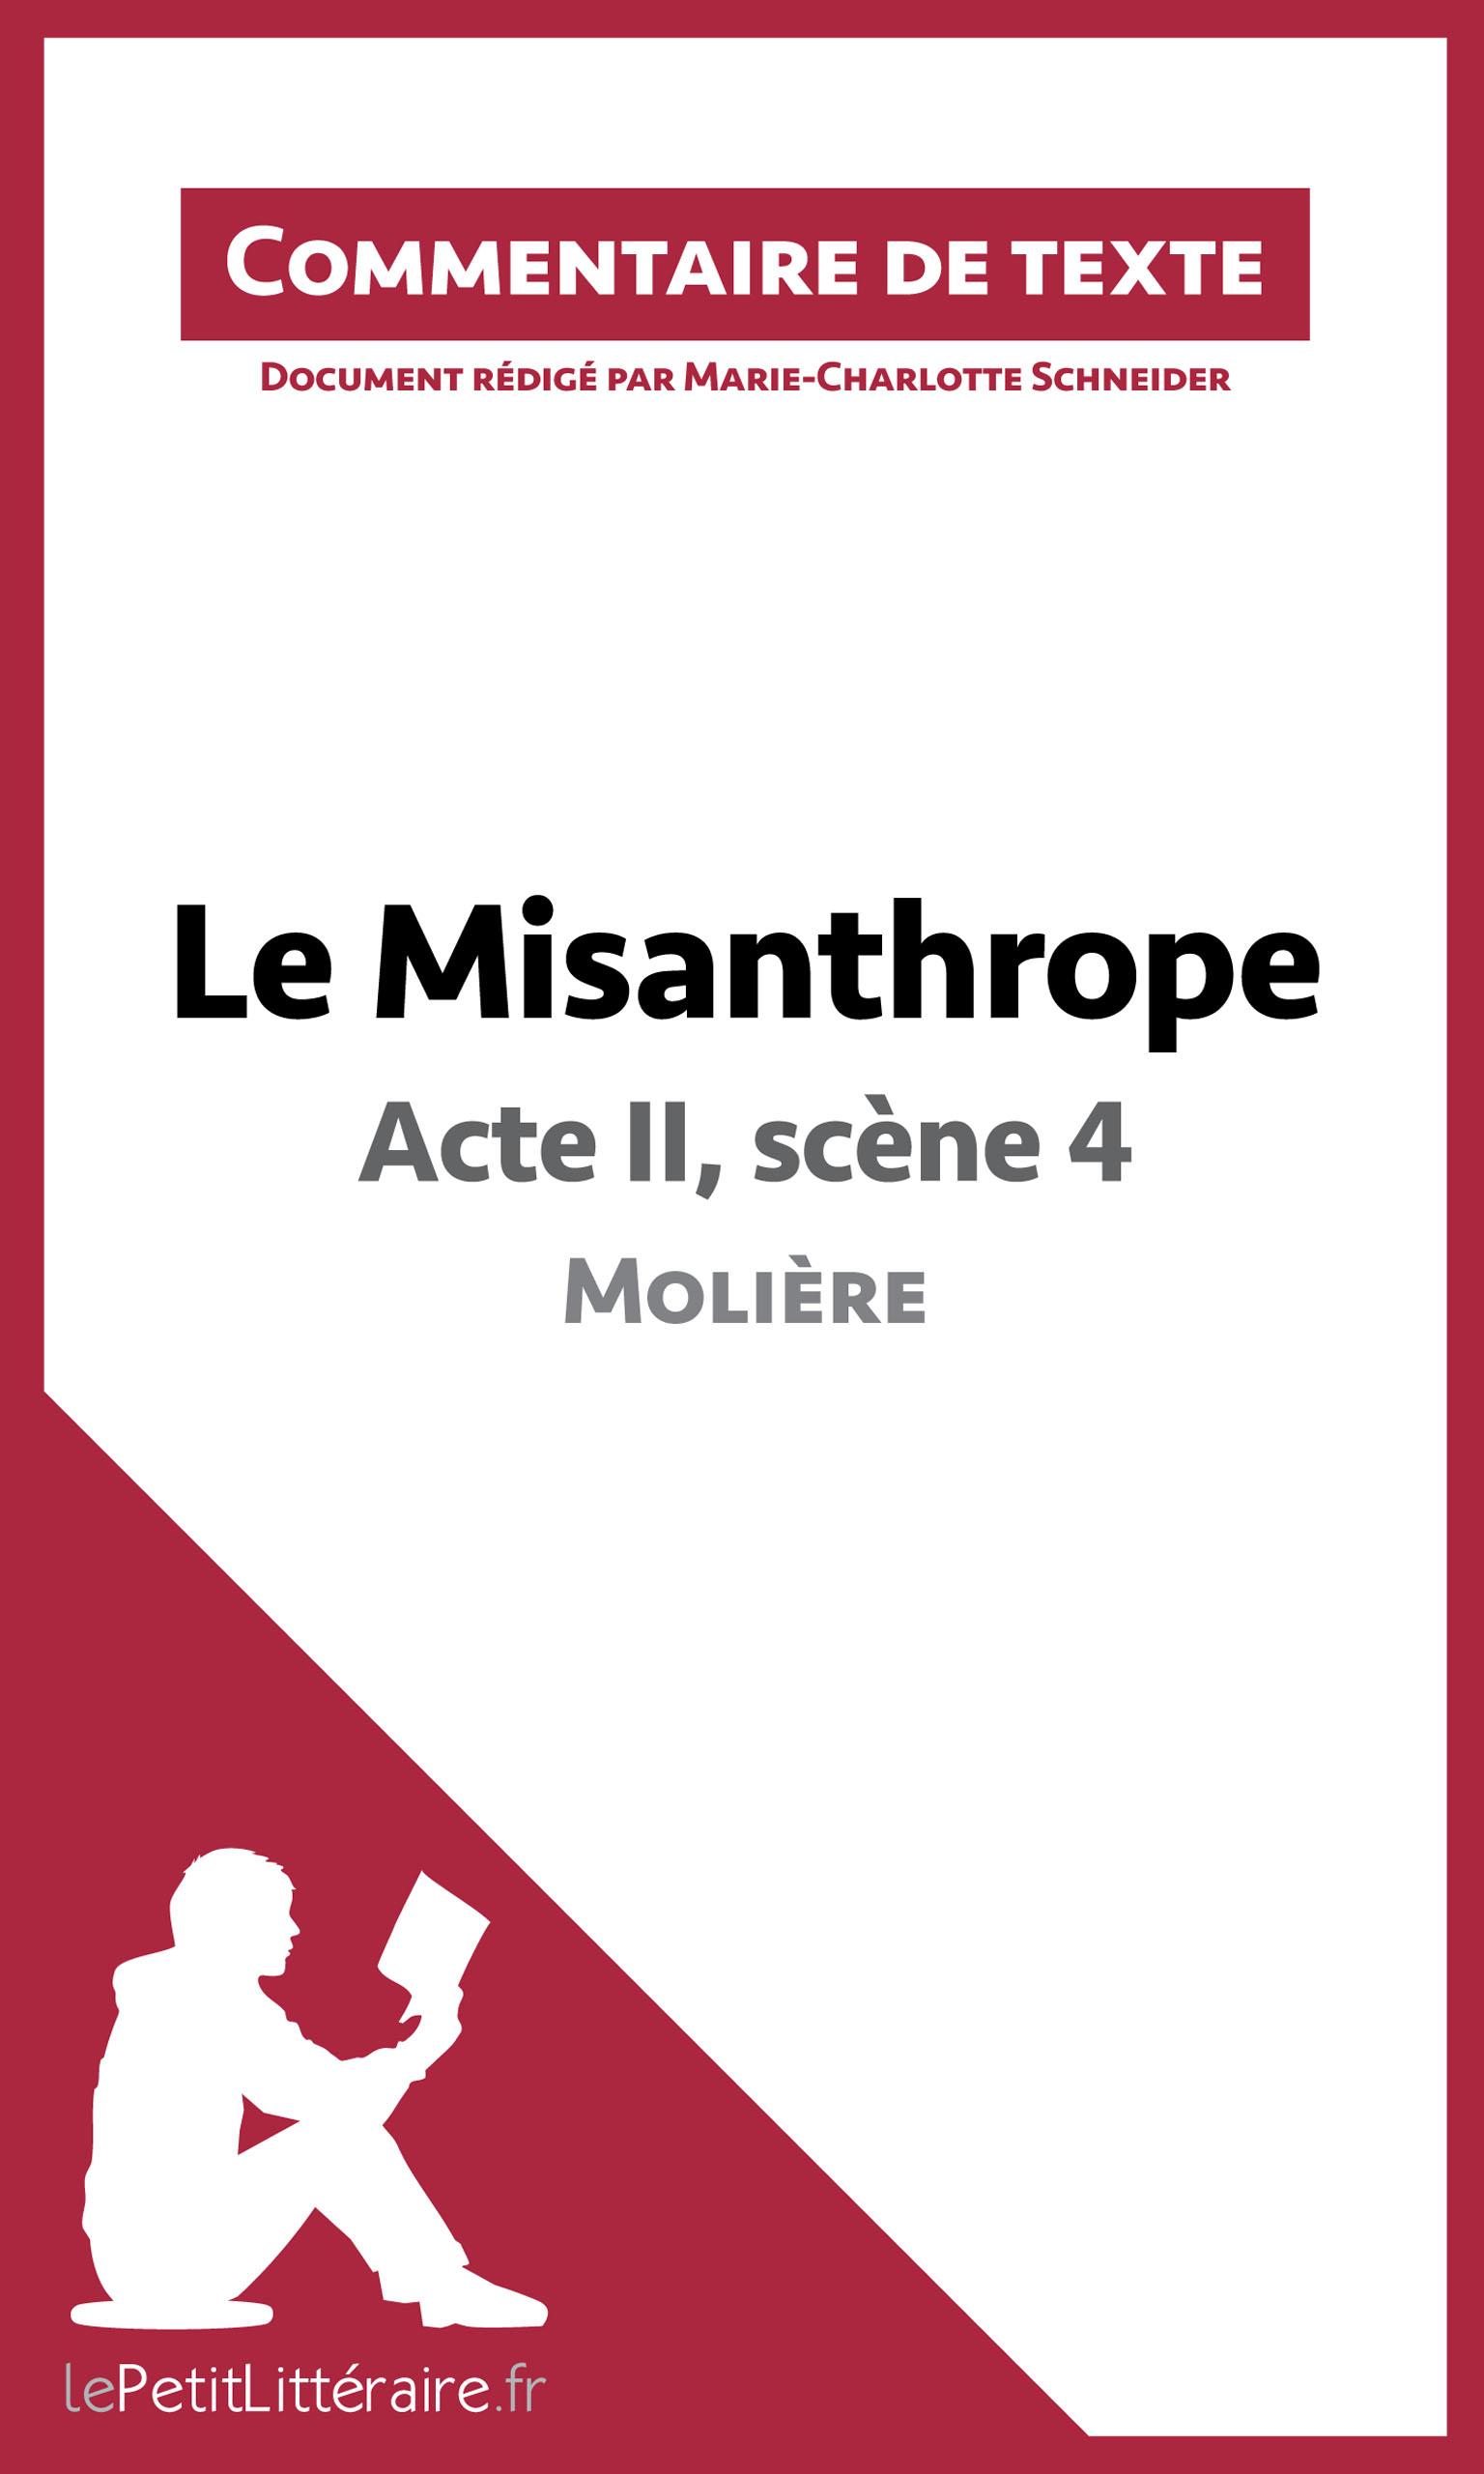 Le Misanthrope - Acte II, sc?ne 4 - Moli?re (Commentaire de texte)